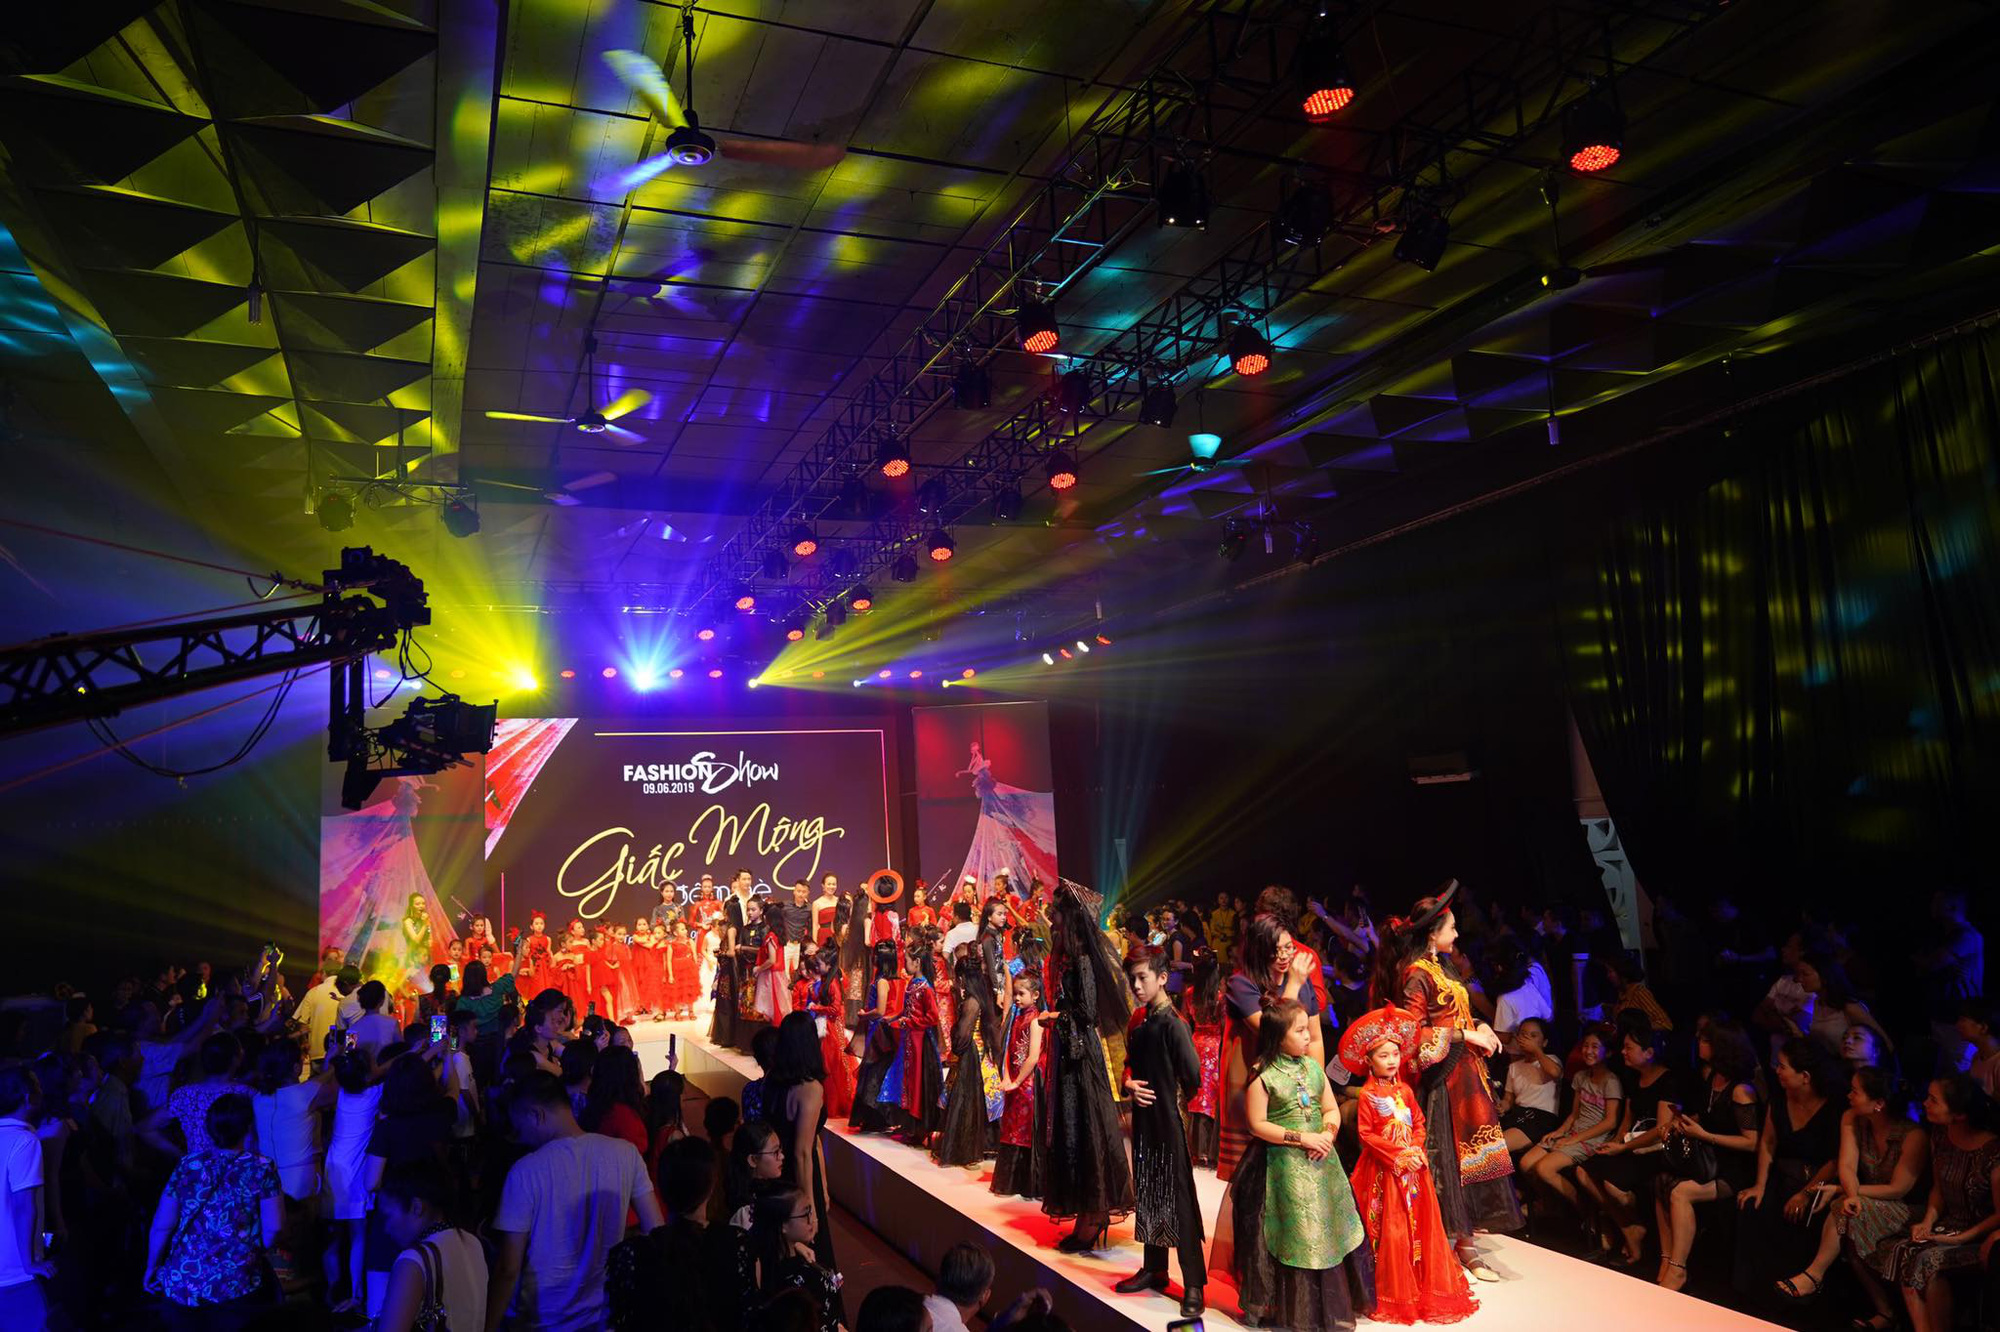 """Show thời trang """"Cổ tích hiện đại"""" với sự xuất hiện của Hoa hậu Trần Tiểu Vy, Miss World Lương Thùy Linh - Ảnh 2."""